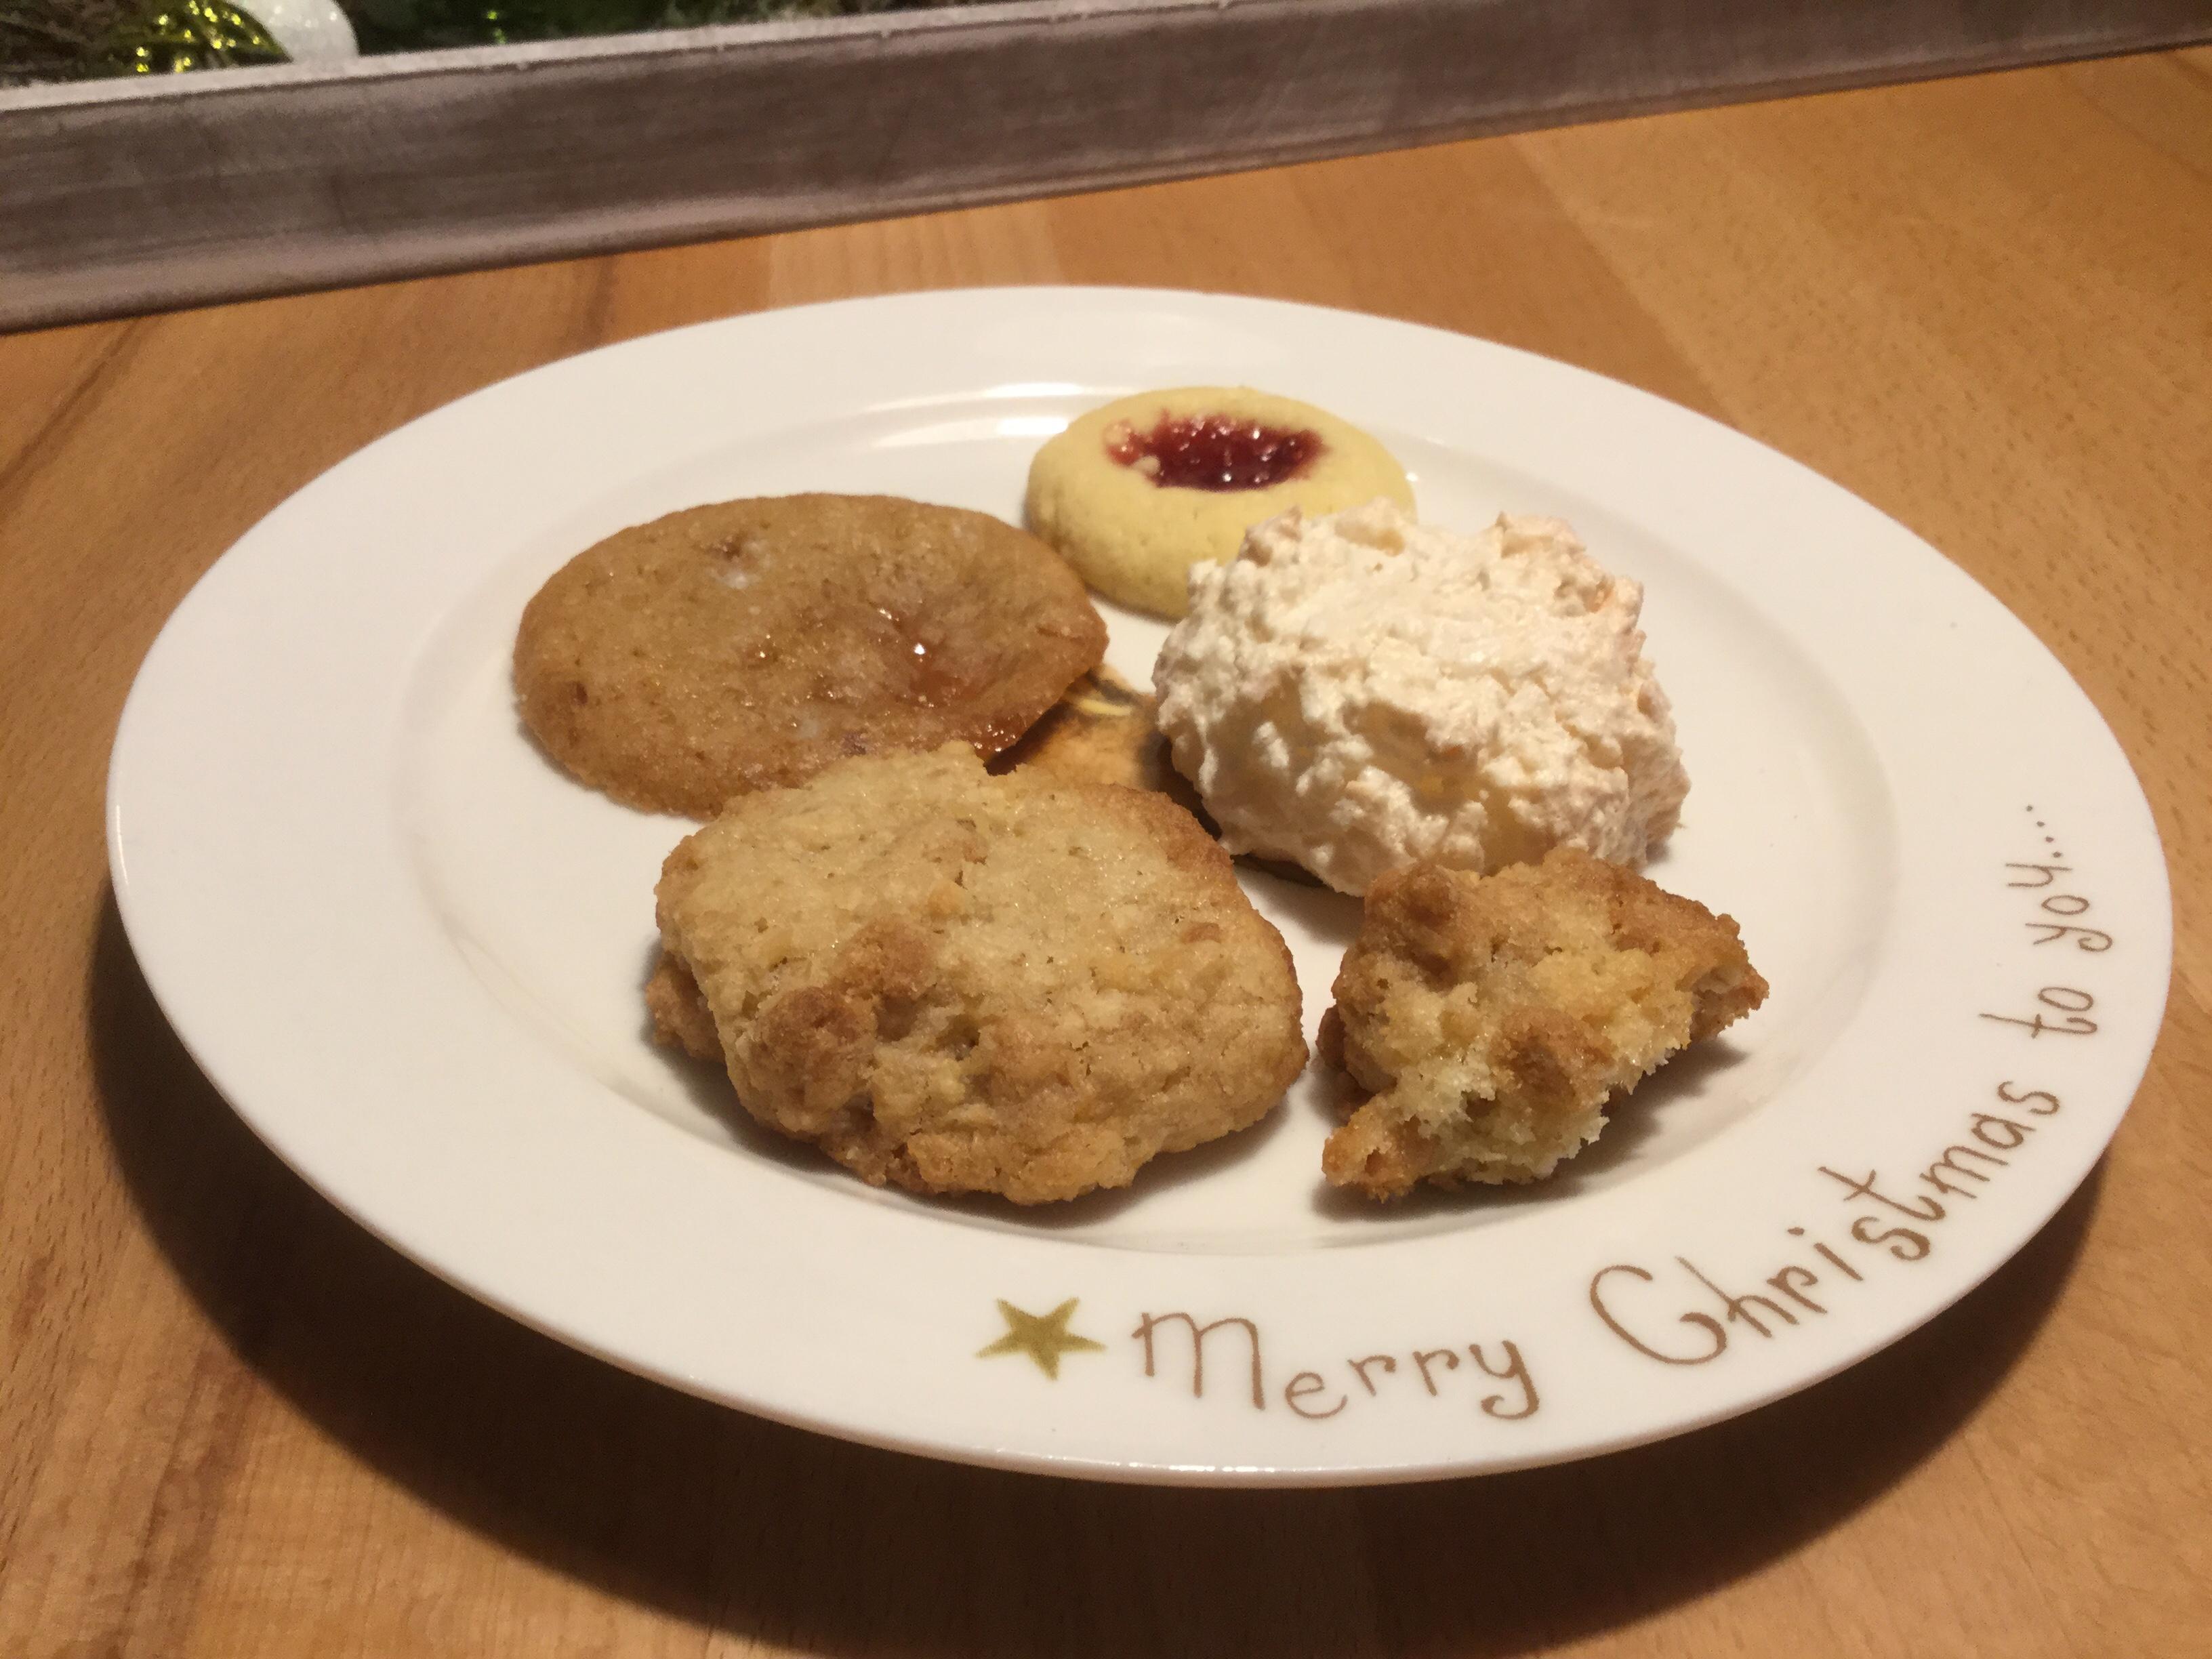 Weihnachtszeit bei Lilamalerie #2 – oder – Weihnachtsbäckerei: Ingwerknusperle